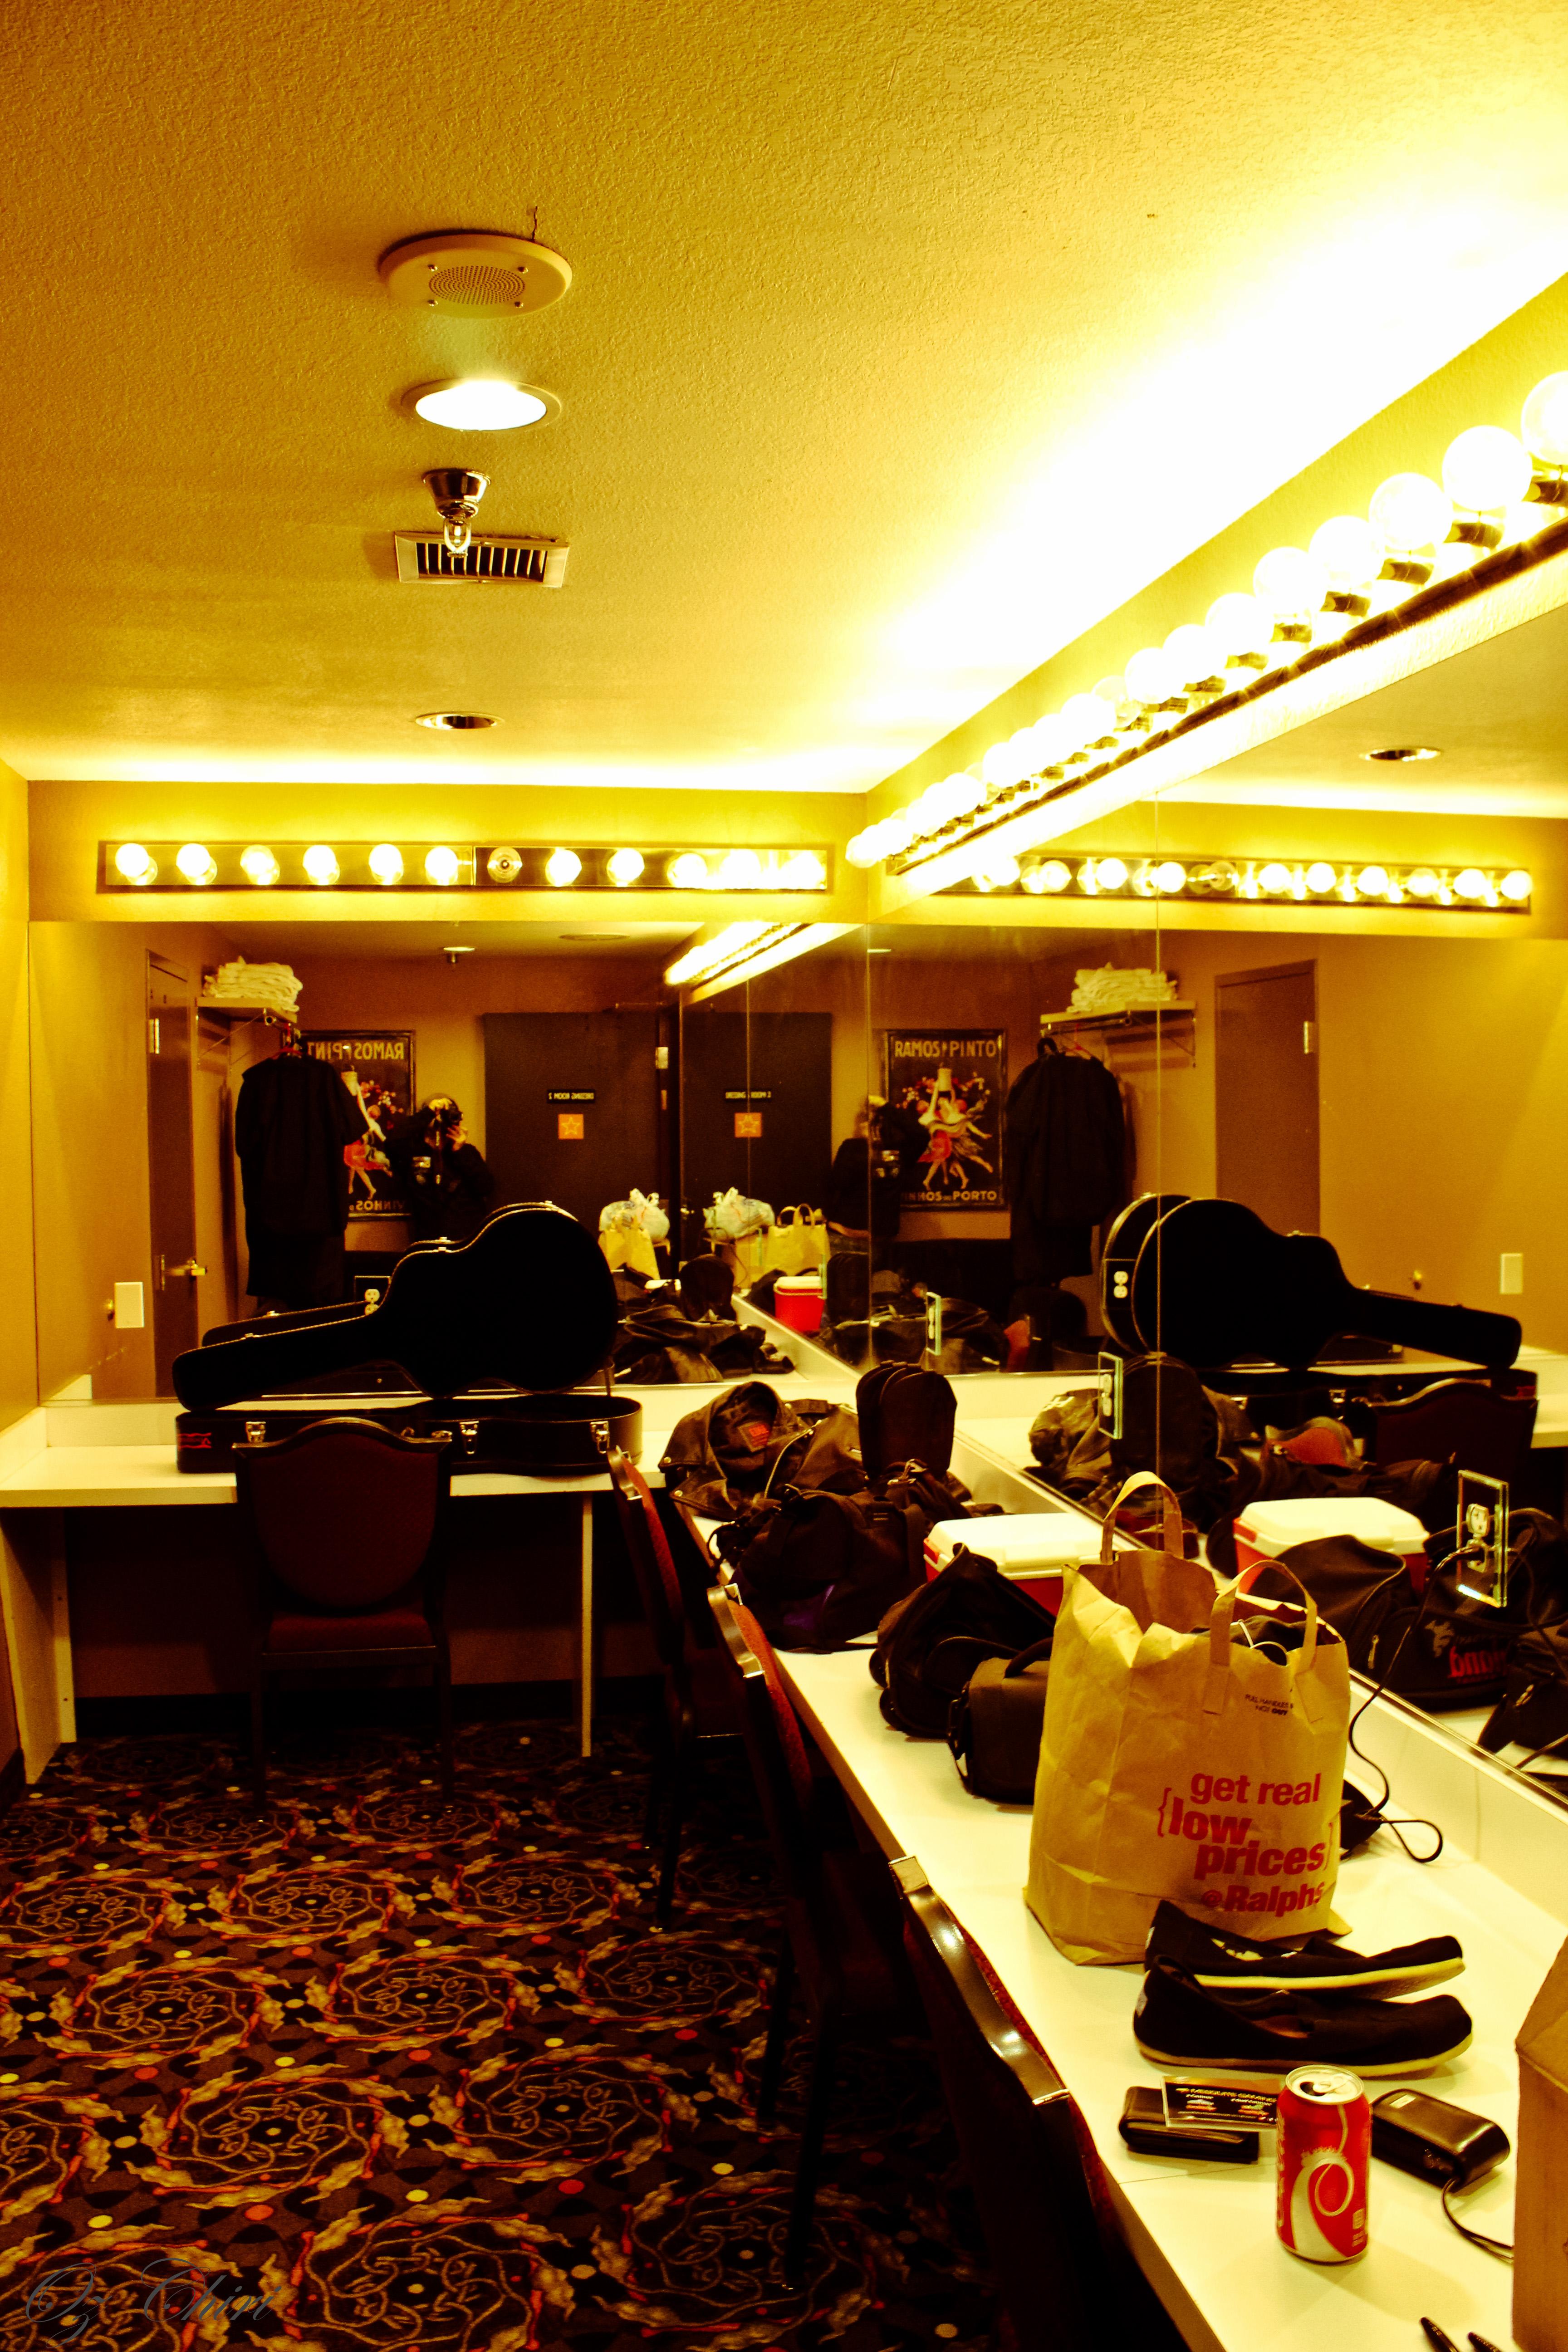 Blue Embrace & Oz Chiri Live at Casablanca Casino 23.jpg English: Blue Embrace & Oz Chiri Live at Casablanca Casino Date 6 July 2013, 23:07:00 Source